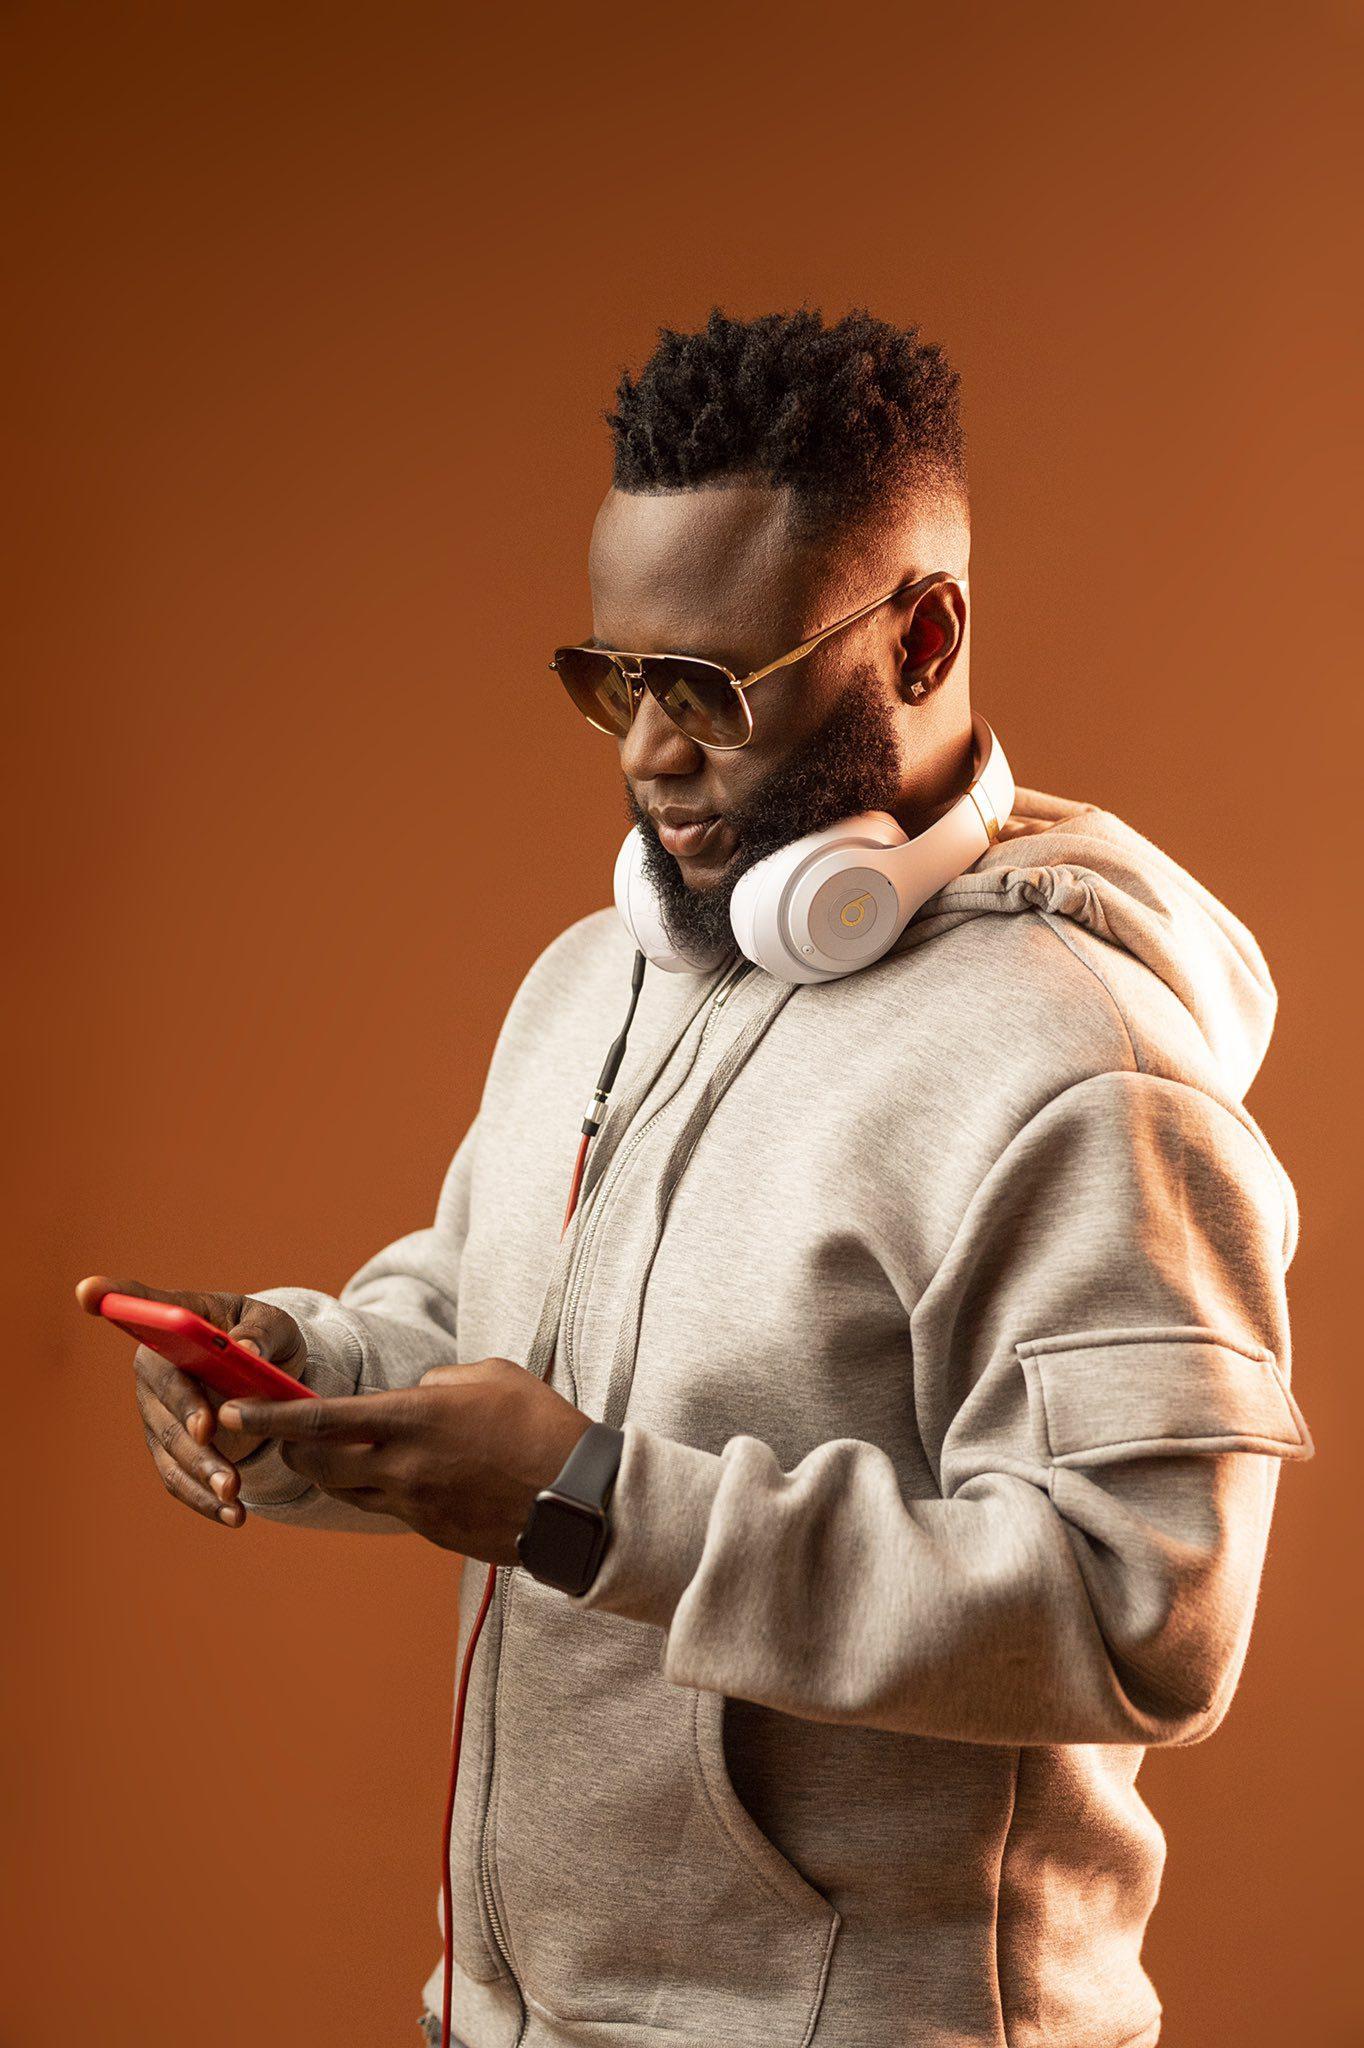 DJ Mensah - Like That ft Kweku Smoke, Lyrical Joe, DopeNation, Kofi Mole, Medikal, and E.L